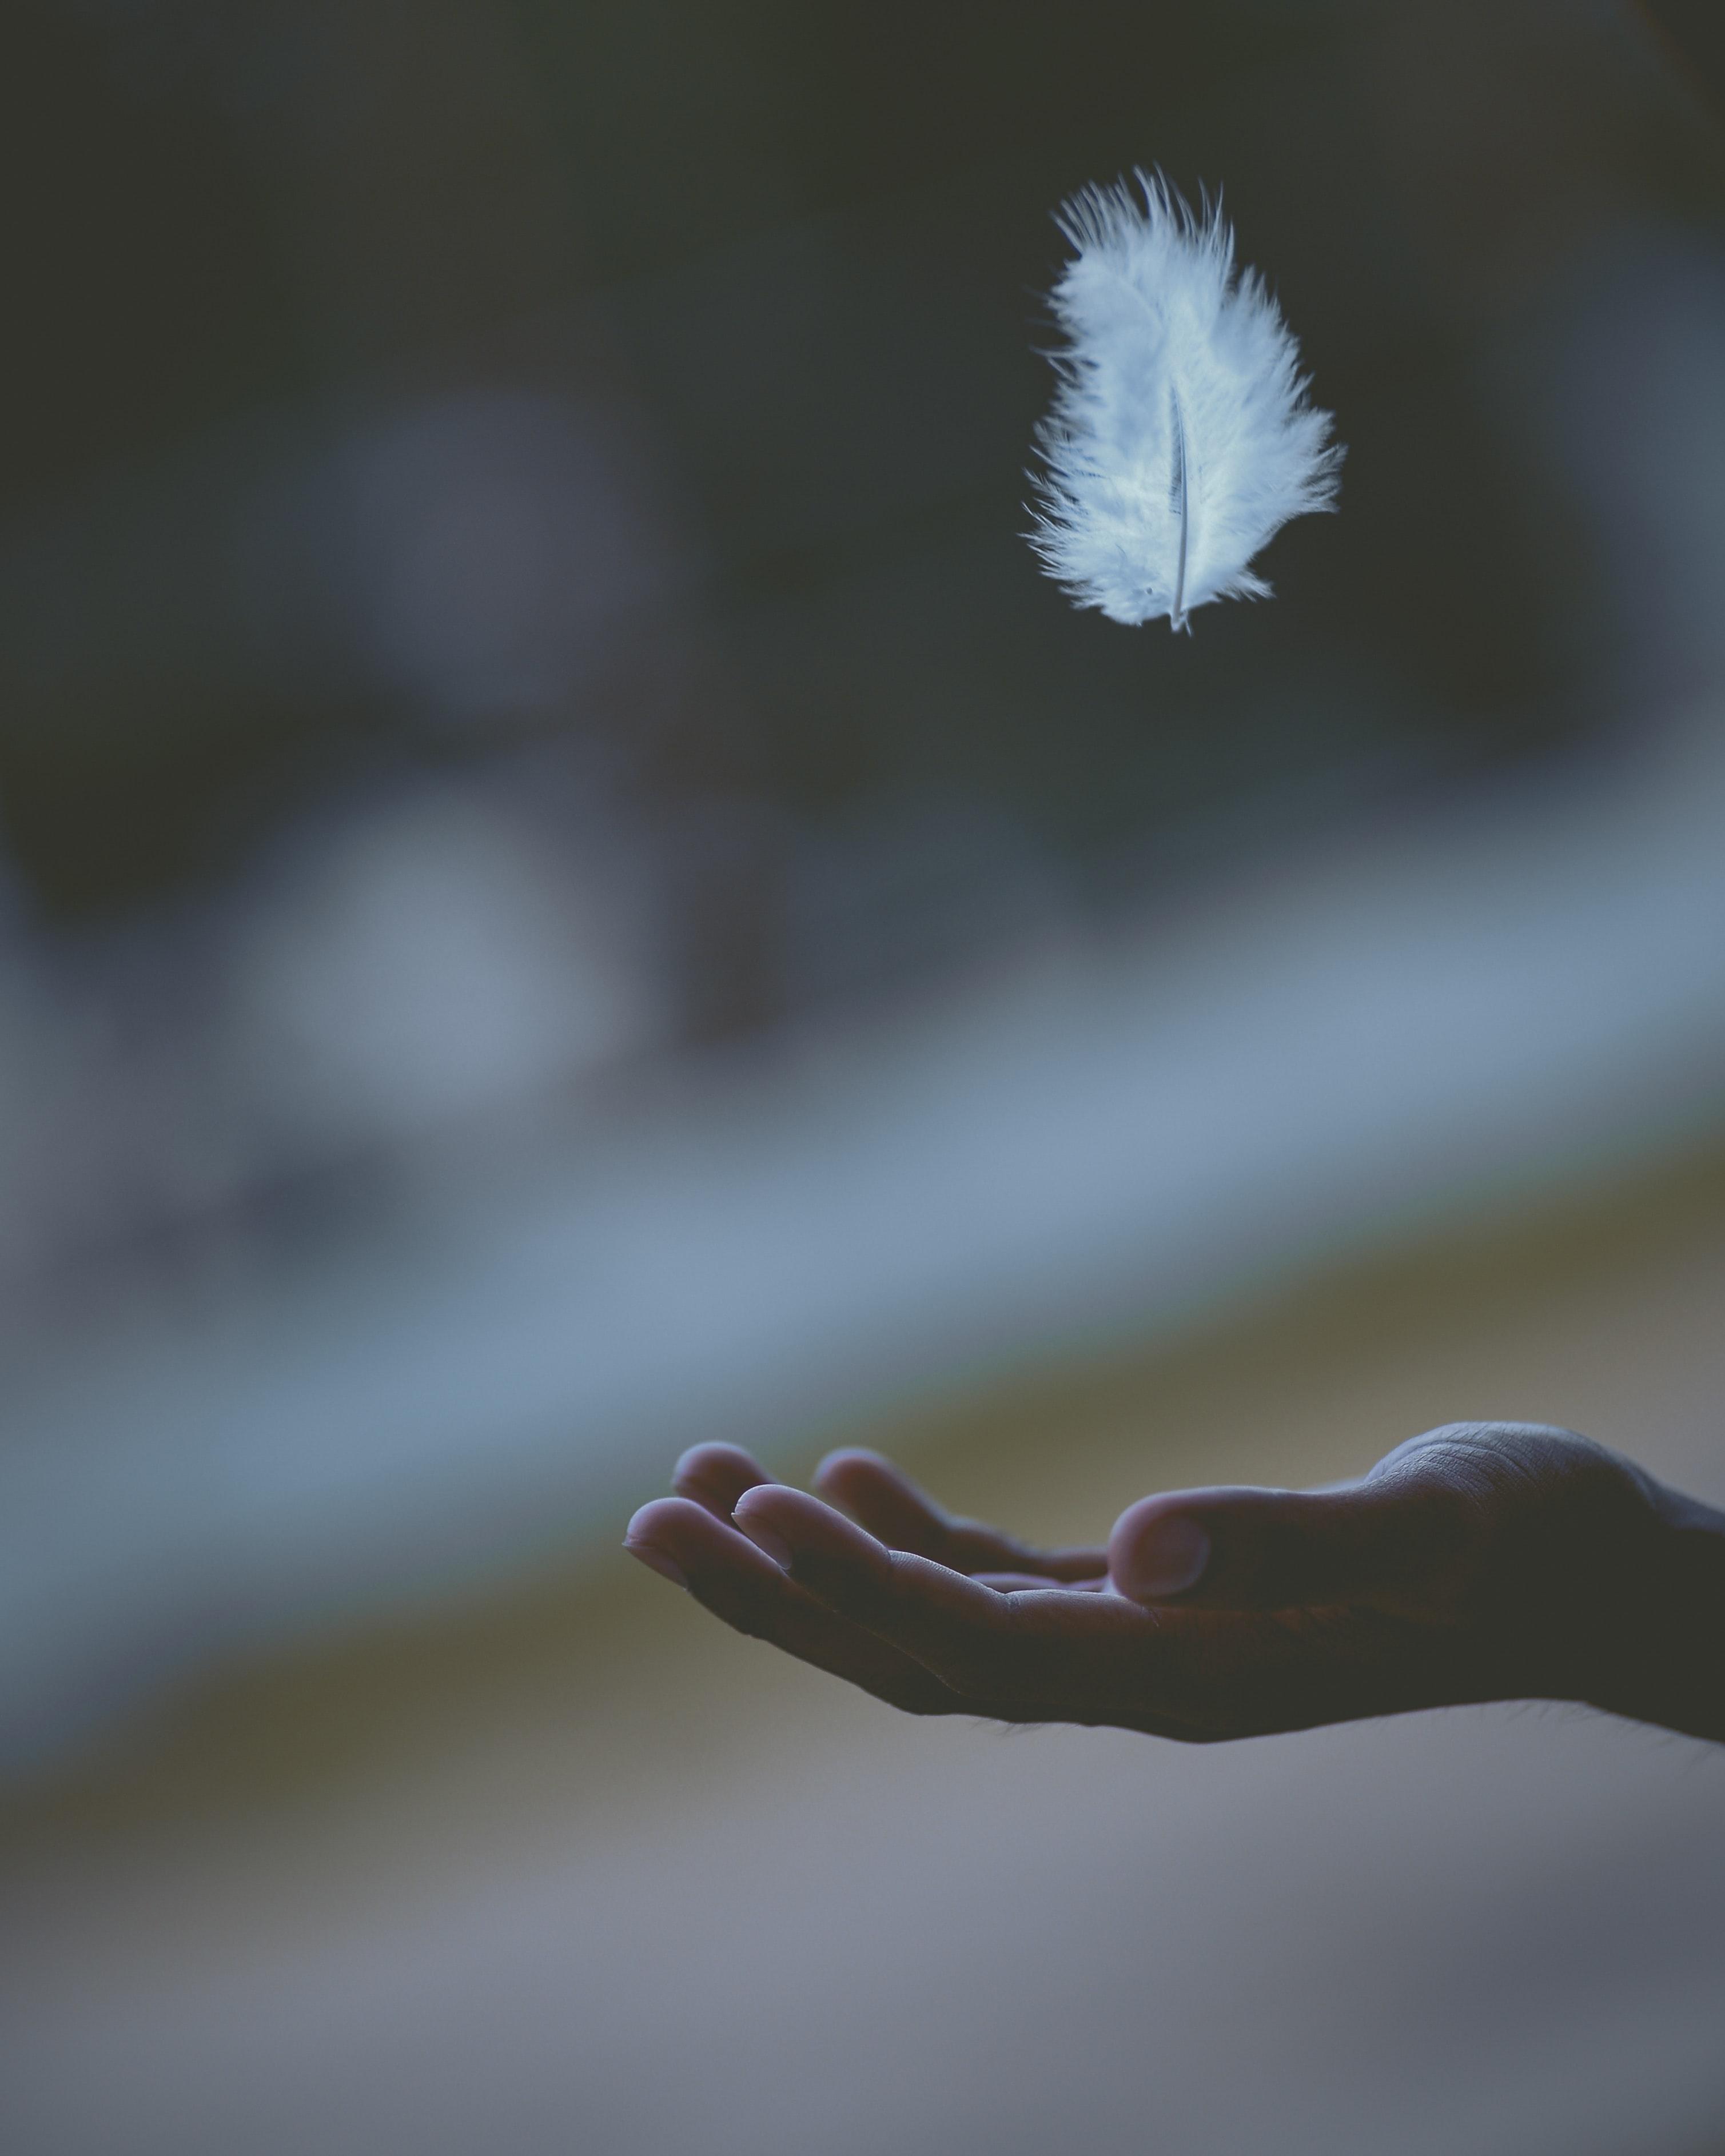 hướng dẫn tâm linh lông vũ trắng